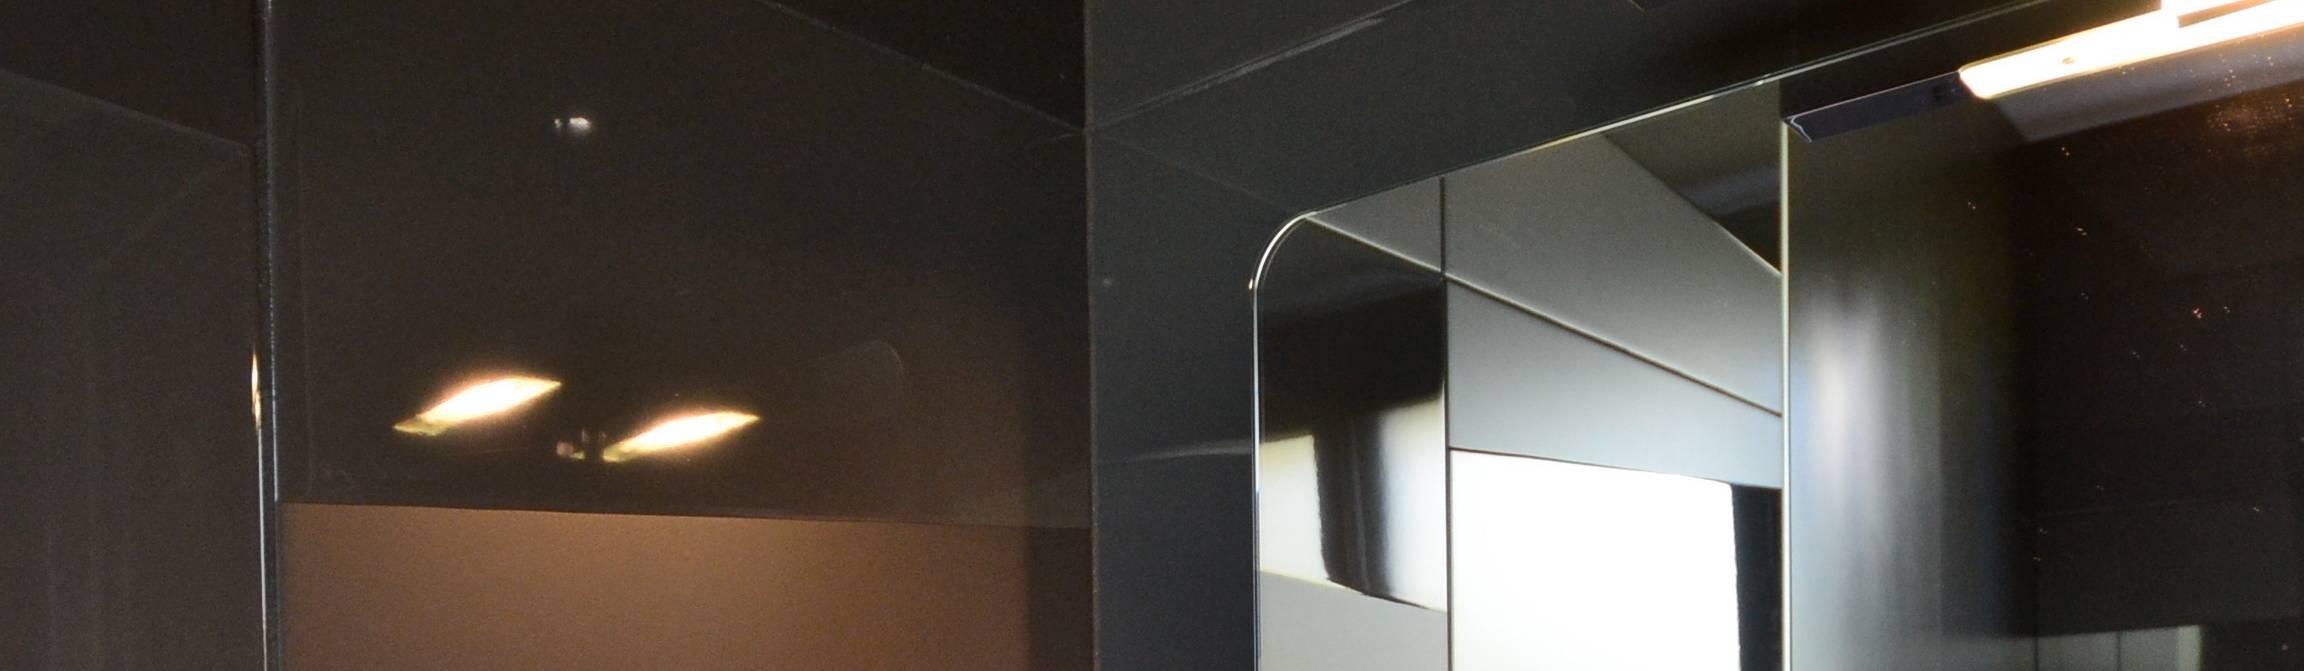 Emmanuelle meuric sos design architecture architectes d - Architecte d interieur rennes ...